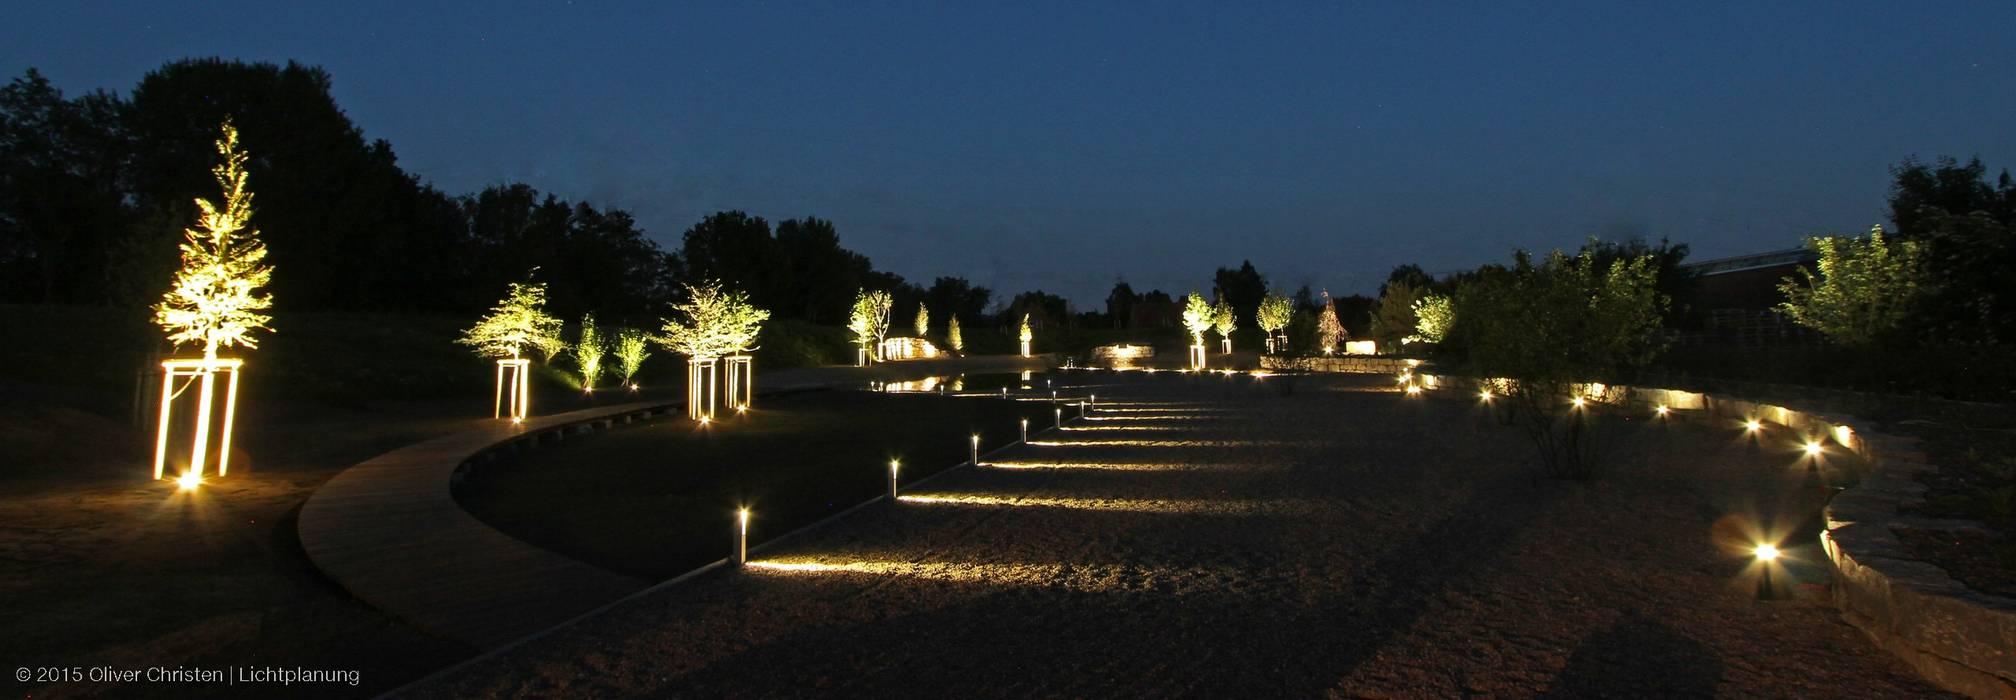 Vườn phong cách Địa Trung Hải bởi OC|Lichtplanung Địa Trung Hải